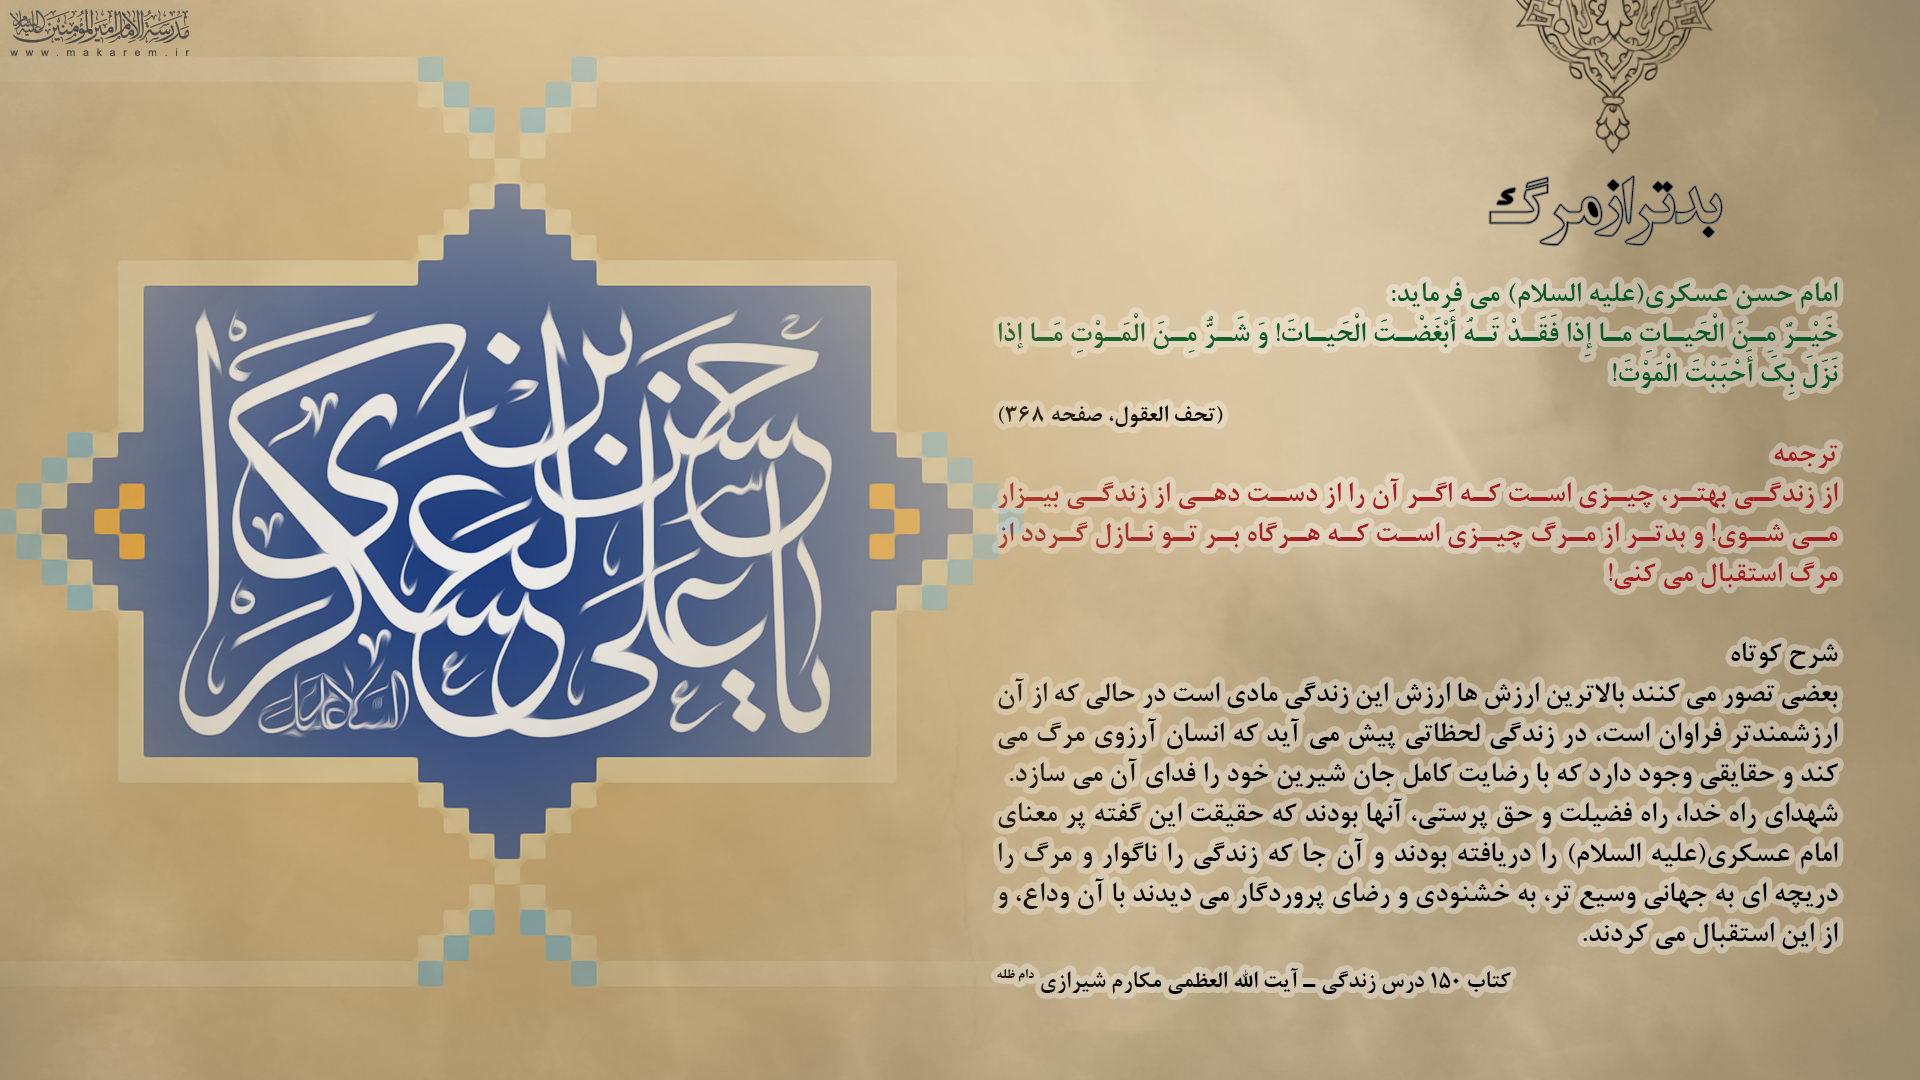 بدتر از مرگ-مدرسه الامام امیر المومنین (ع)